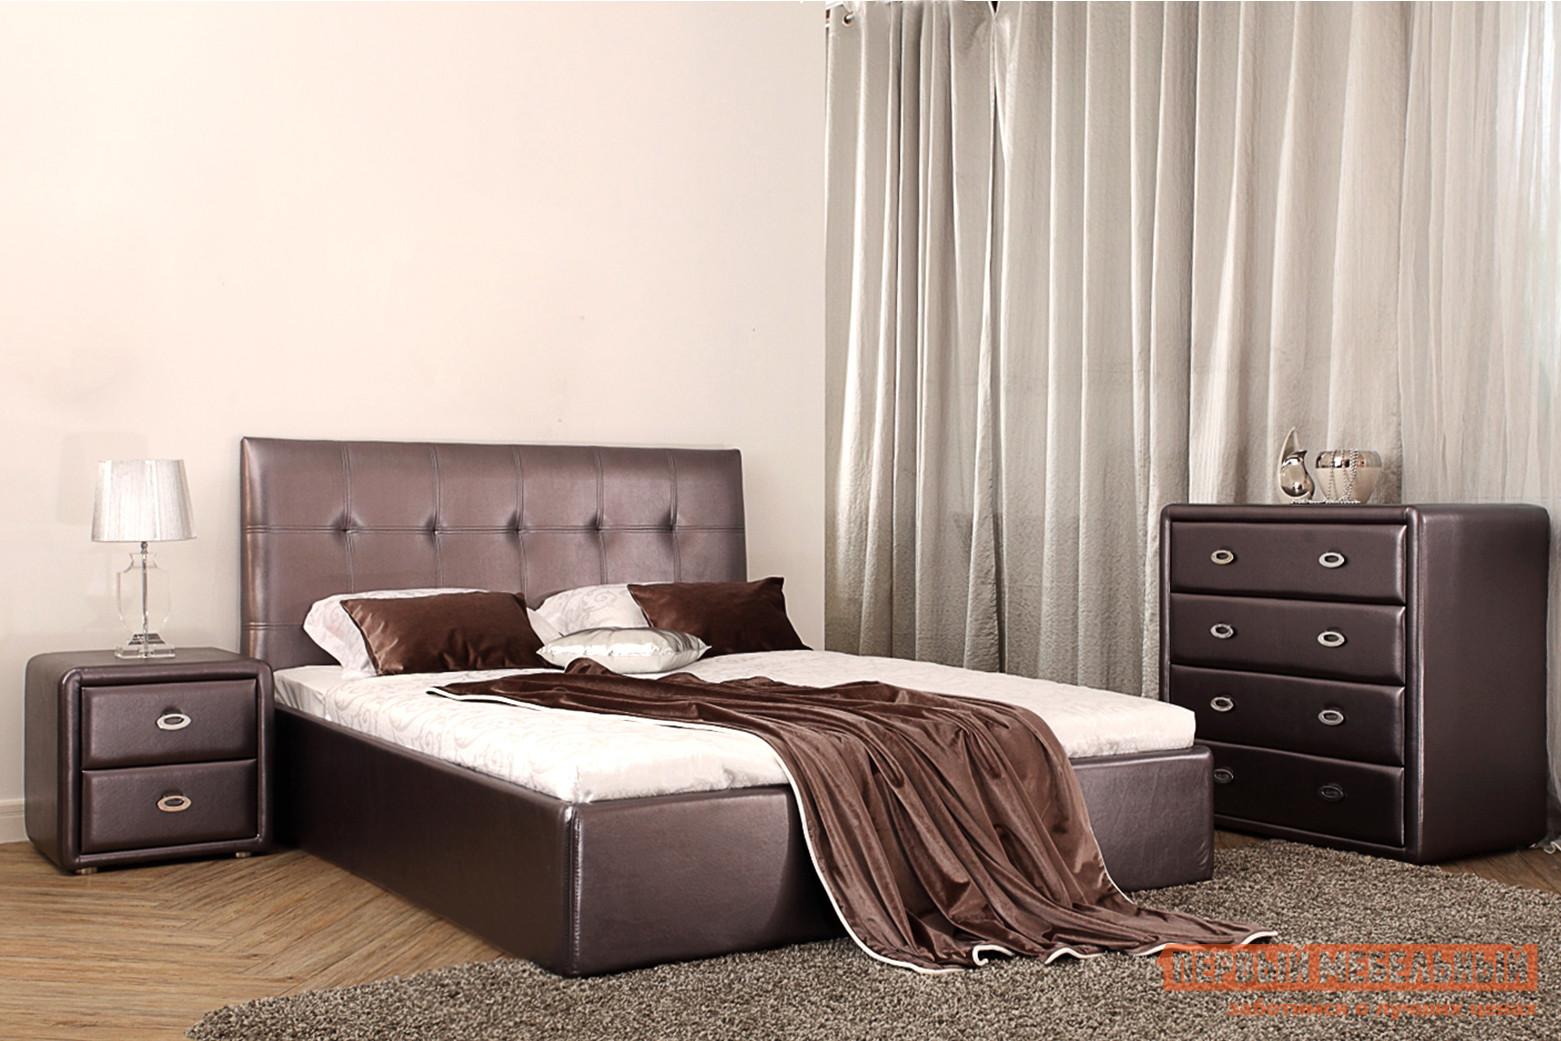 Полутороспальная кровать Первый Мебельный Кровать Айова 140х200 полутороспальная кровать первый мебельный кровать милана 140х200